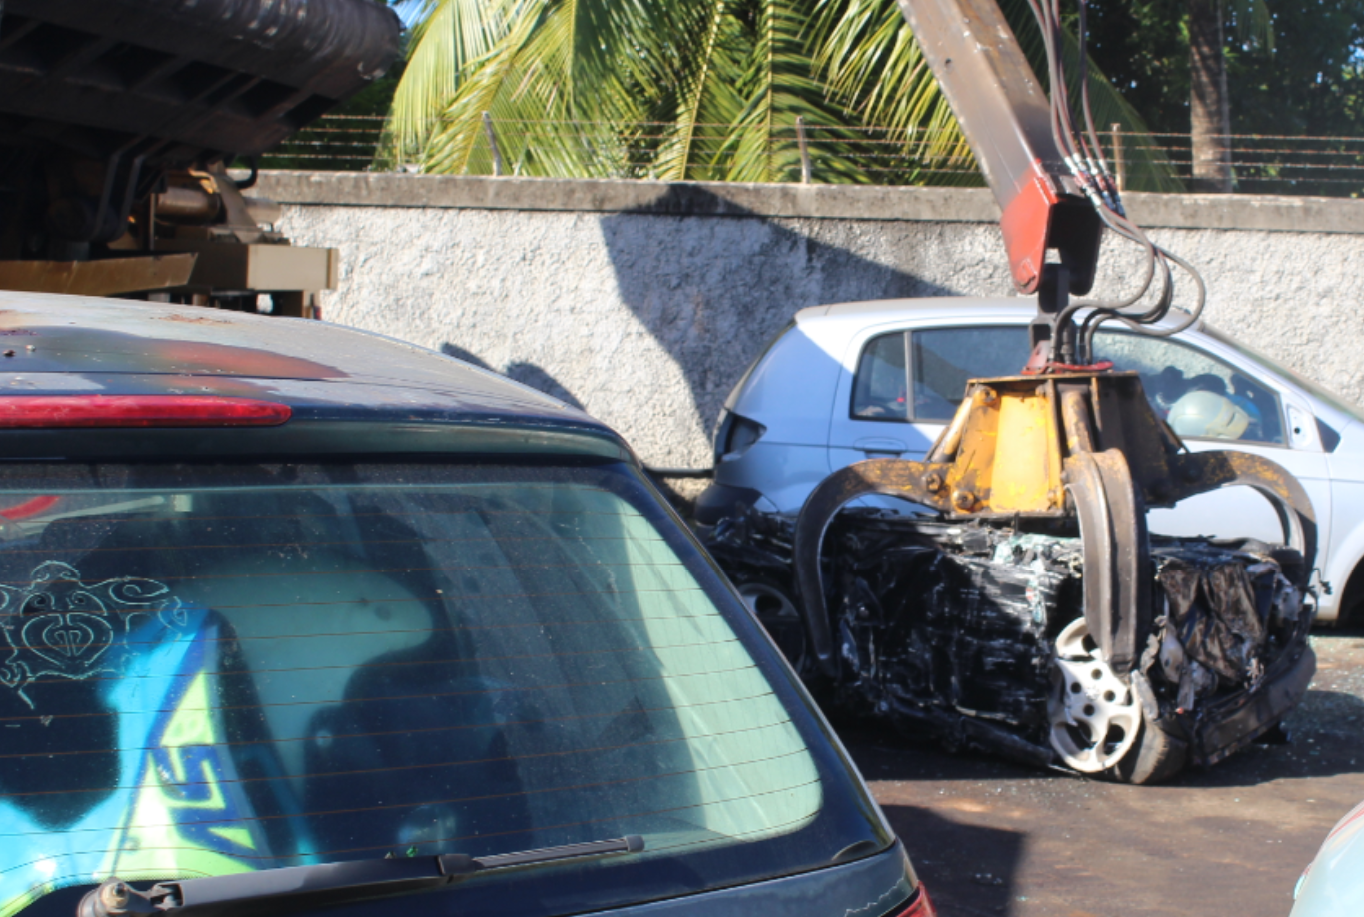 Des centaines de casques, empilés les uns au-dessus des autres dans des voitures également dans un très sale état, ont été détruits en quelques minutes.